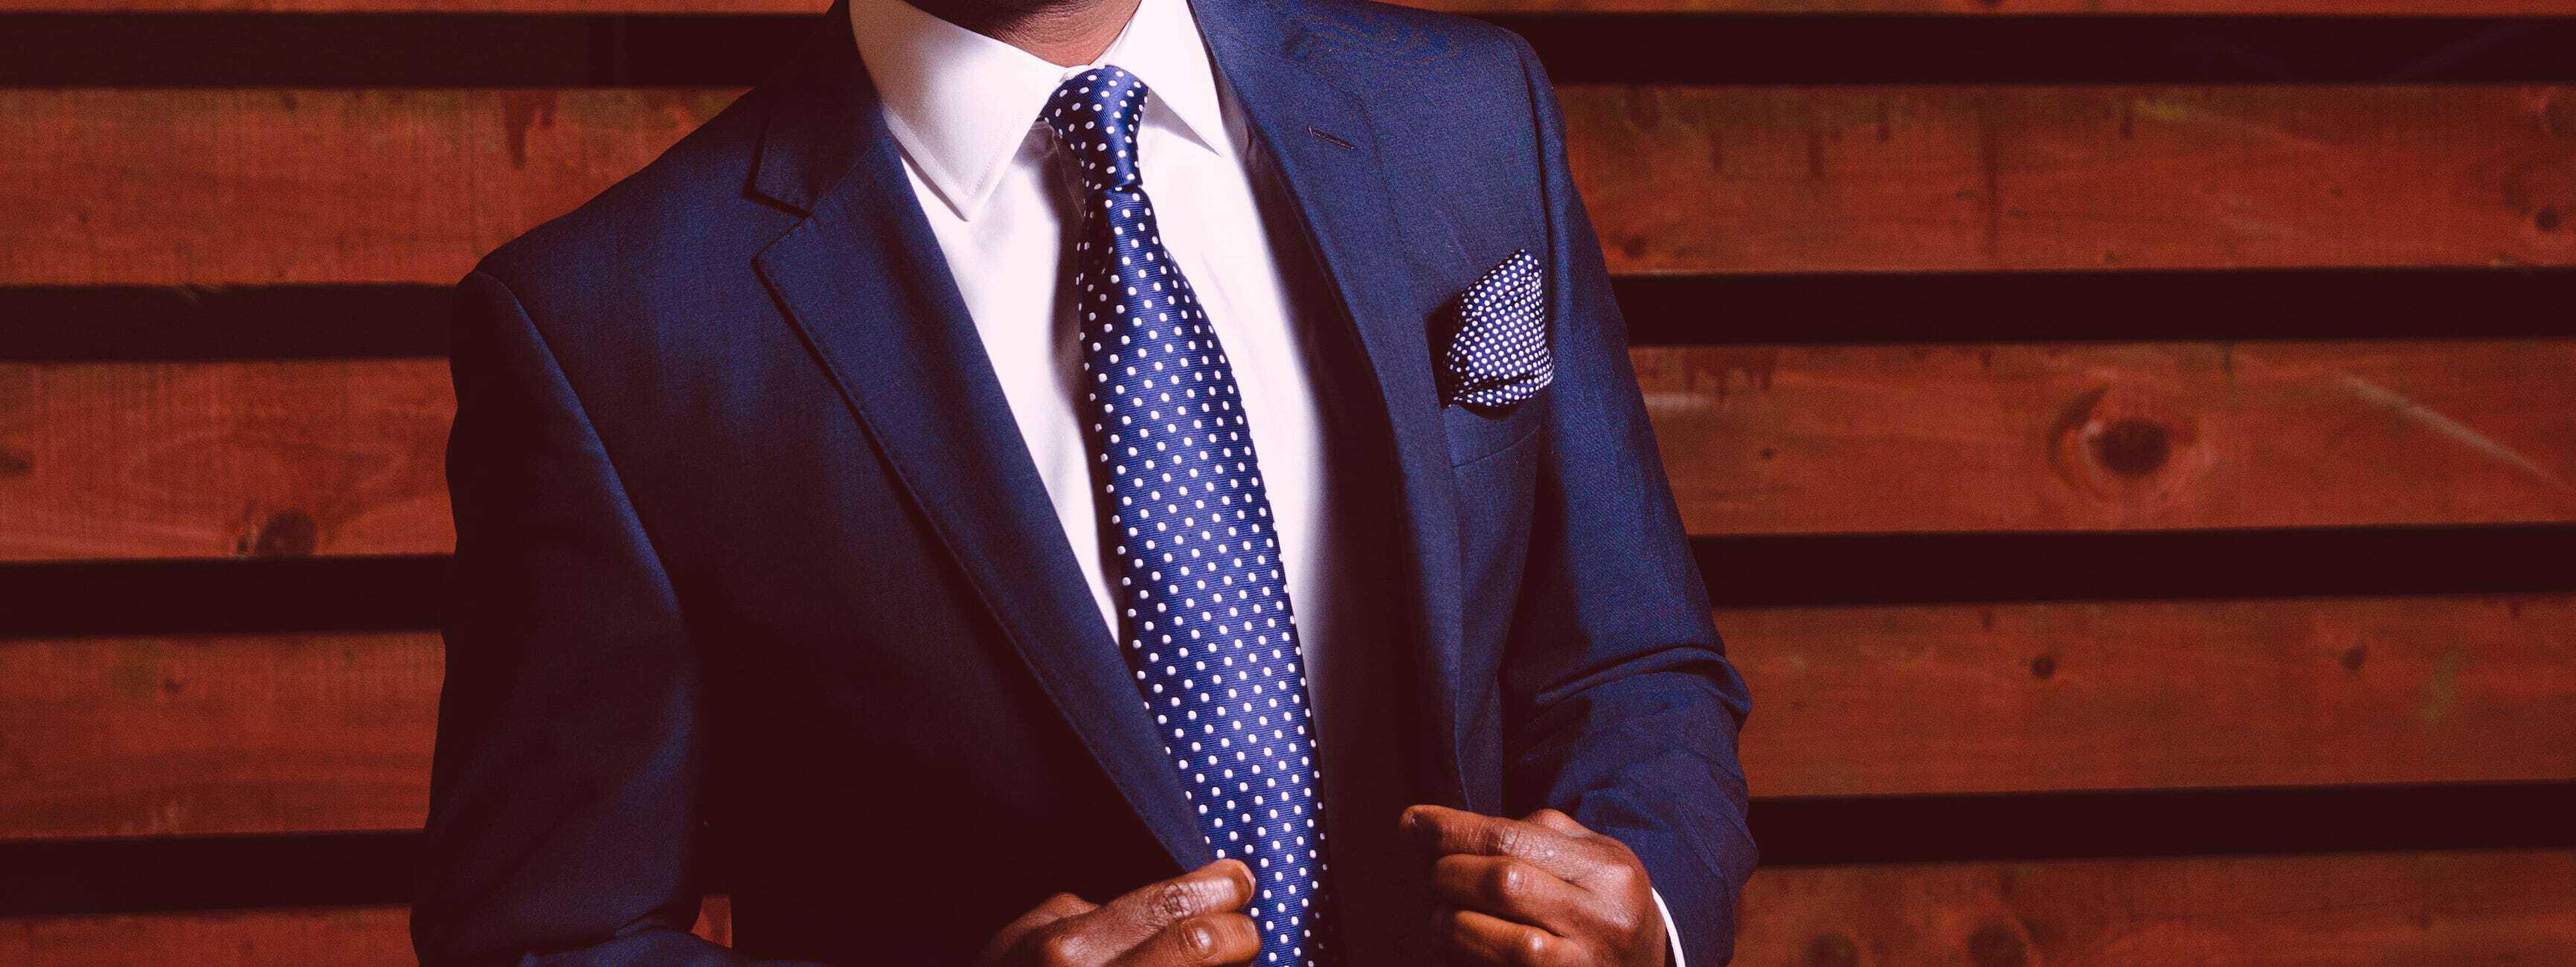 stehender Mann im Anzug